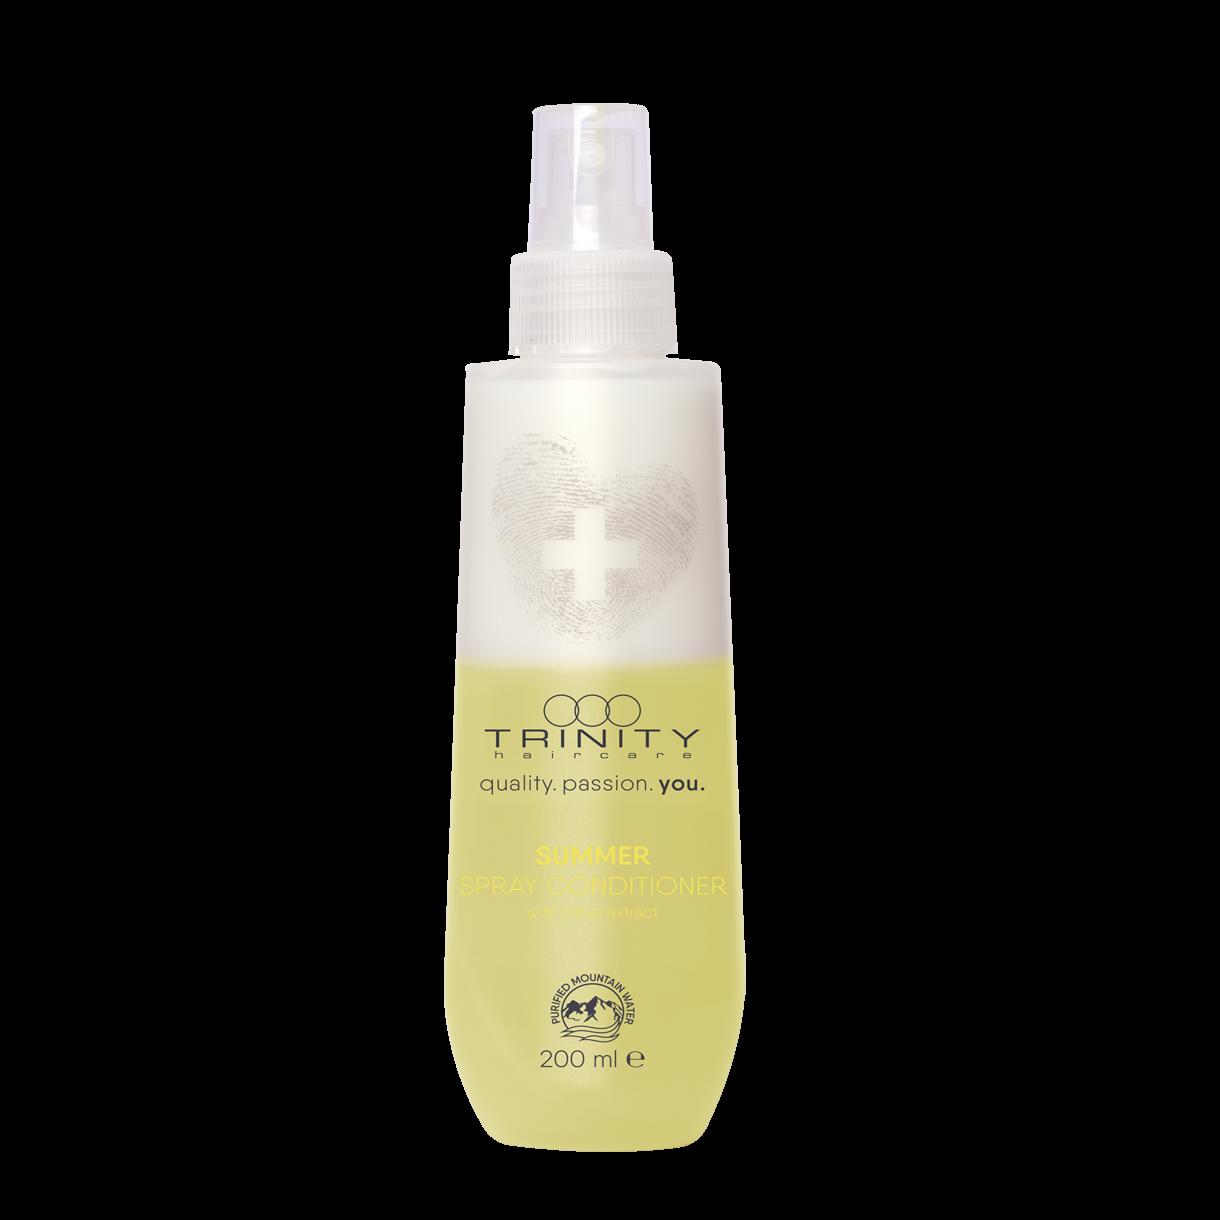 Trinity Hair Care Спрей-Кондиционер Essentials Summer Spray Conditioner с УФ Фильтром Защитный, 200 мл